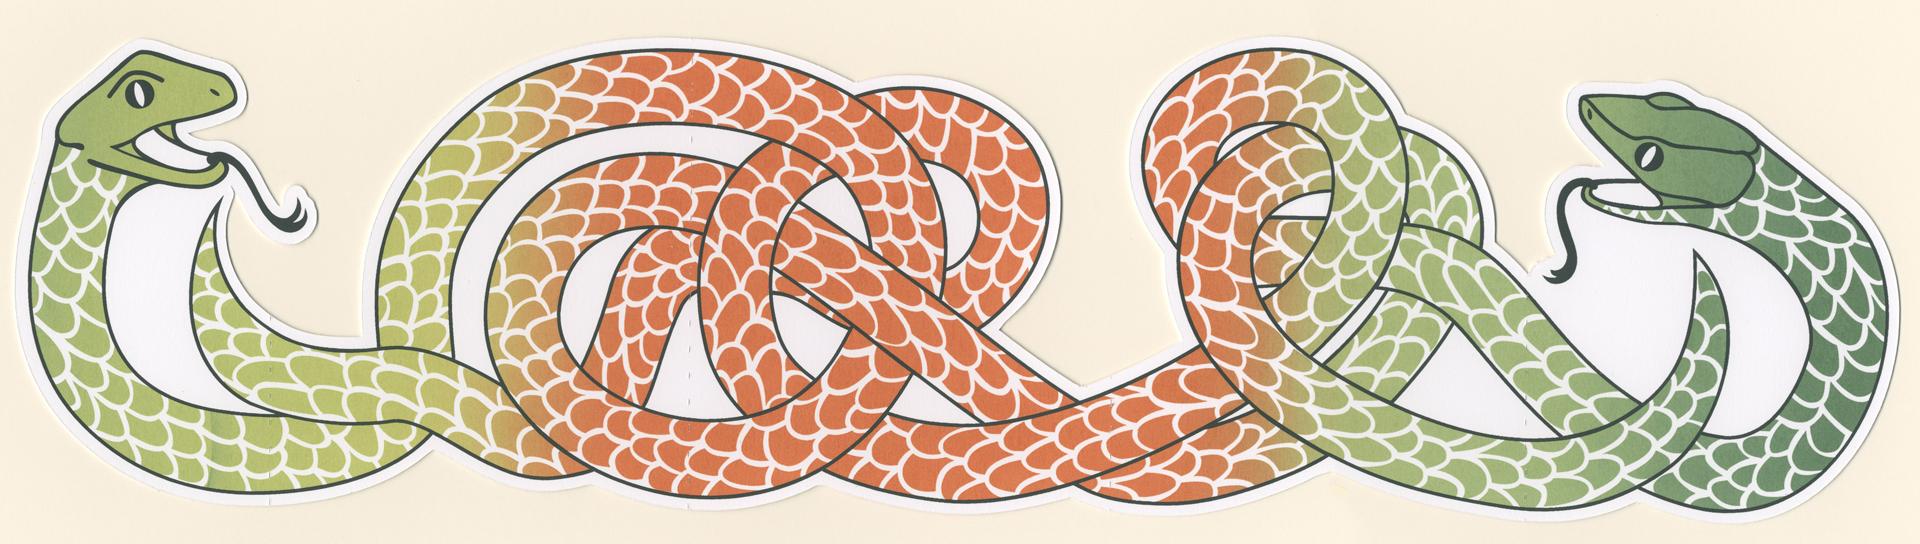 snakessss3